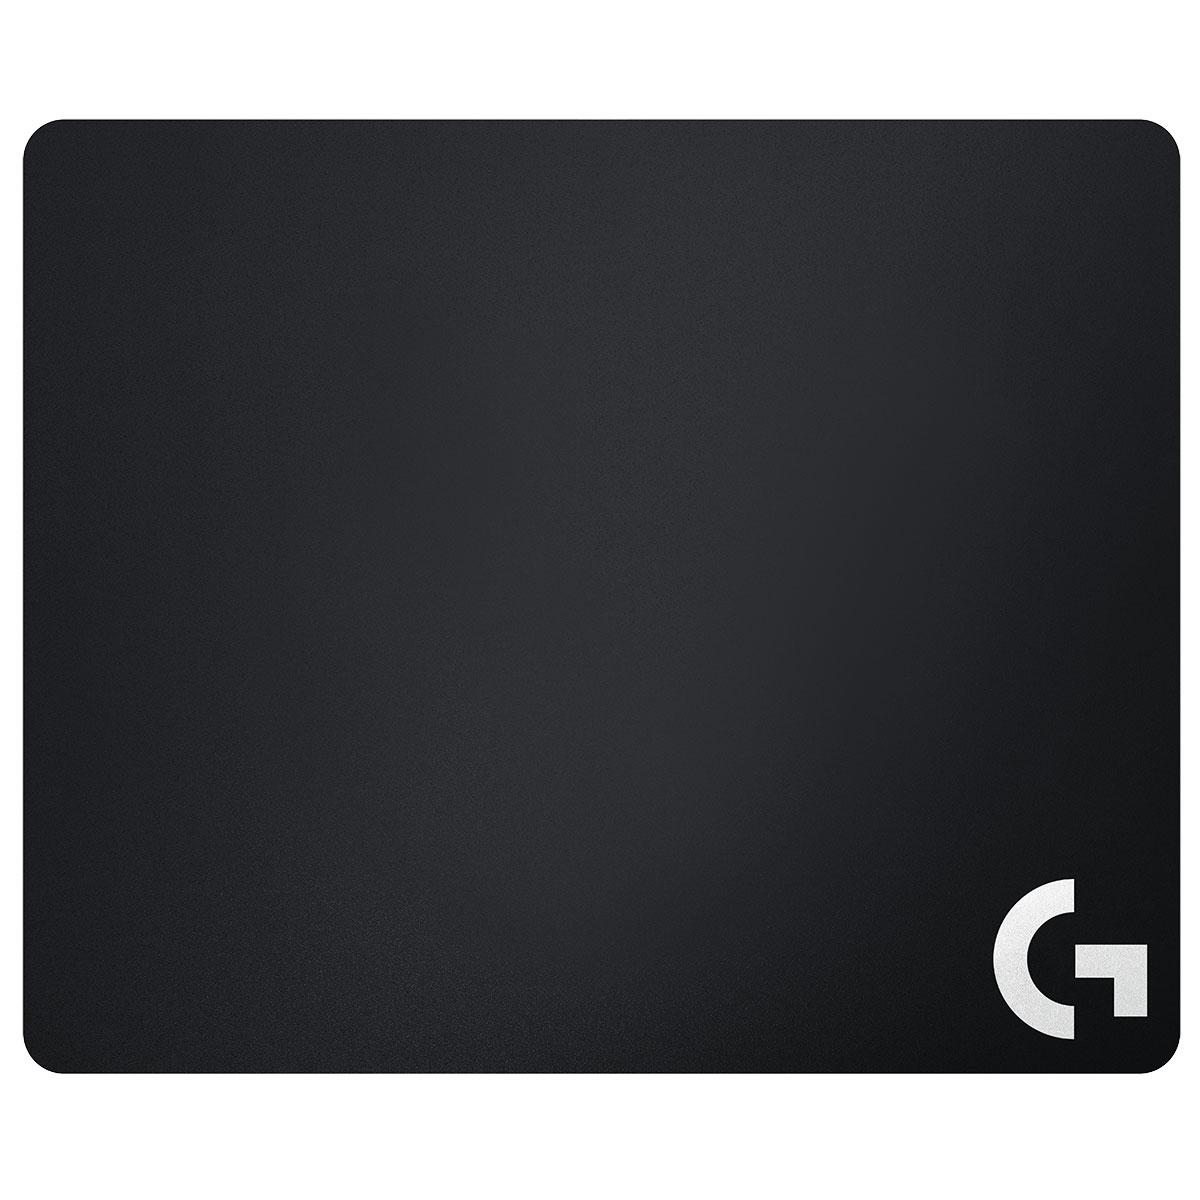 Logitech G240 Gaming Mouse Pad - Tapis de souris Logitech - 0